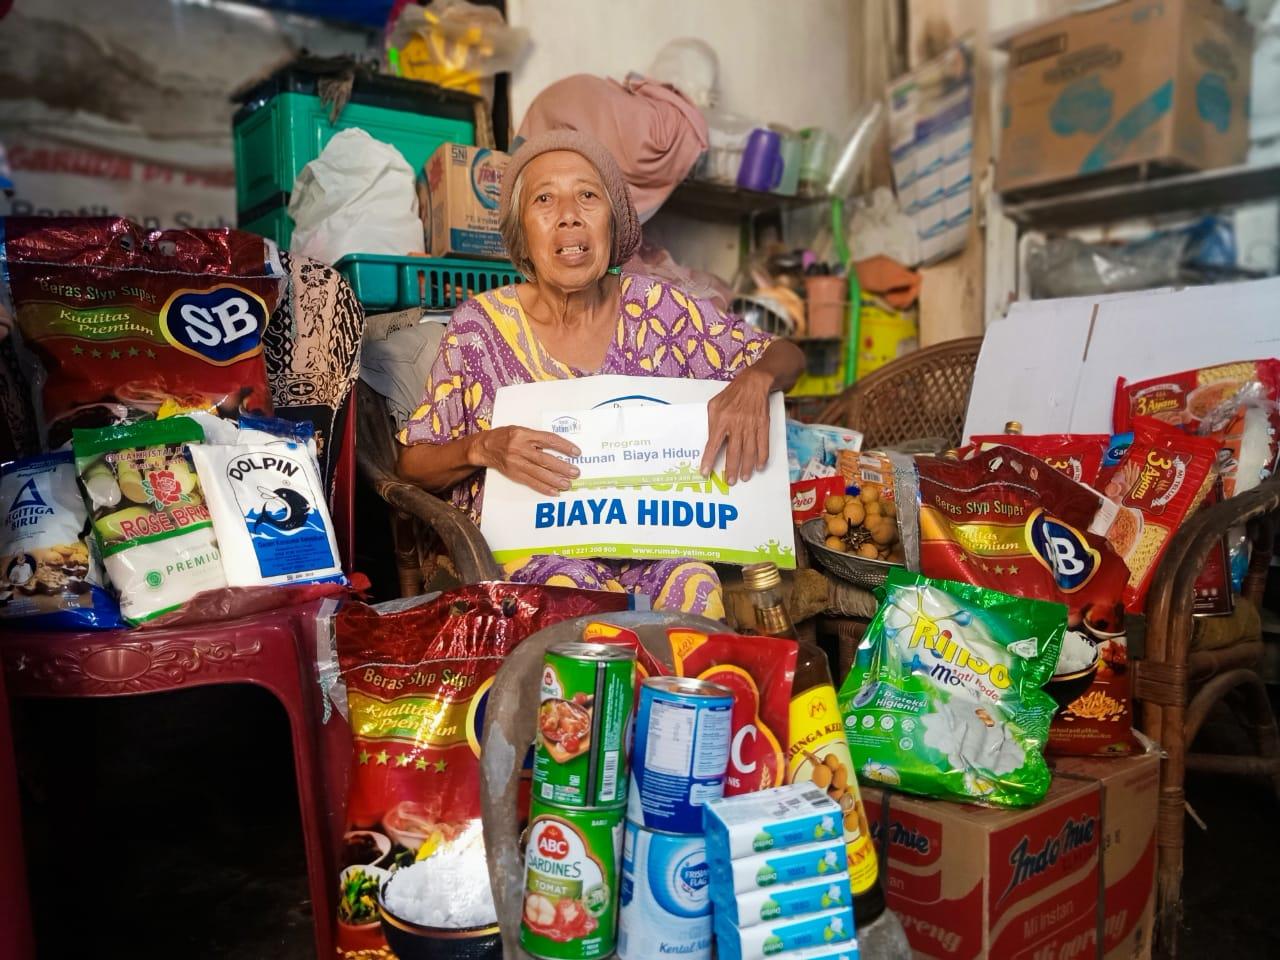 Bantuan untuk Sopiah, Lansia Penjual Nasi Uduk yang Tinggal di Bangunan Bekas Gudang